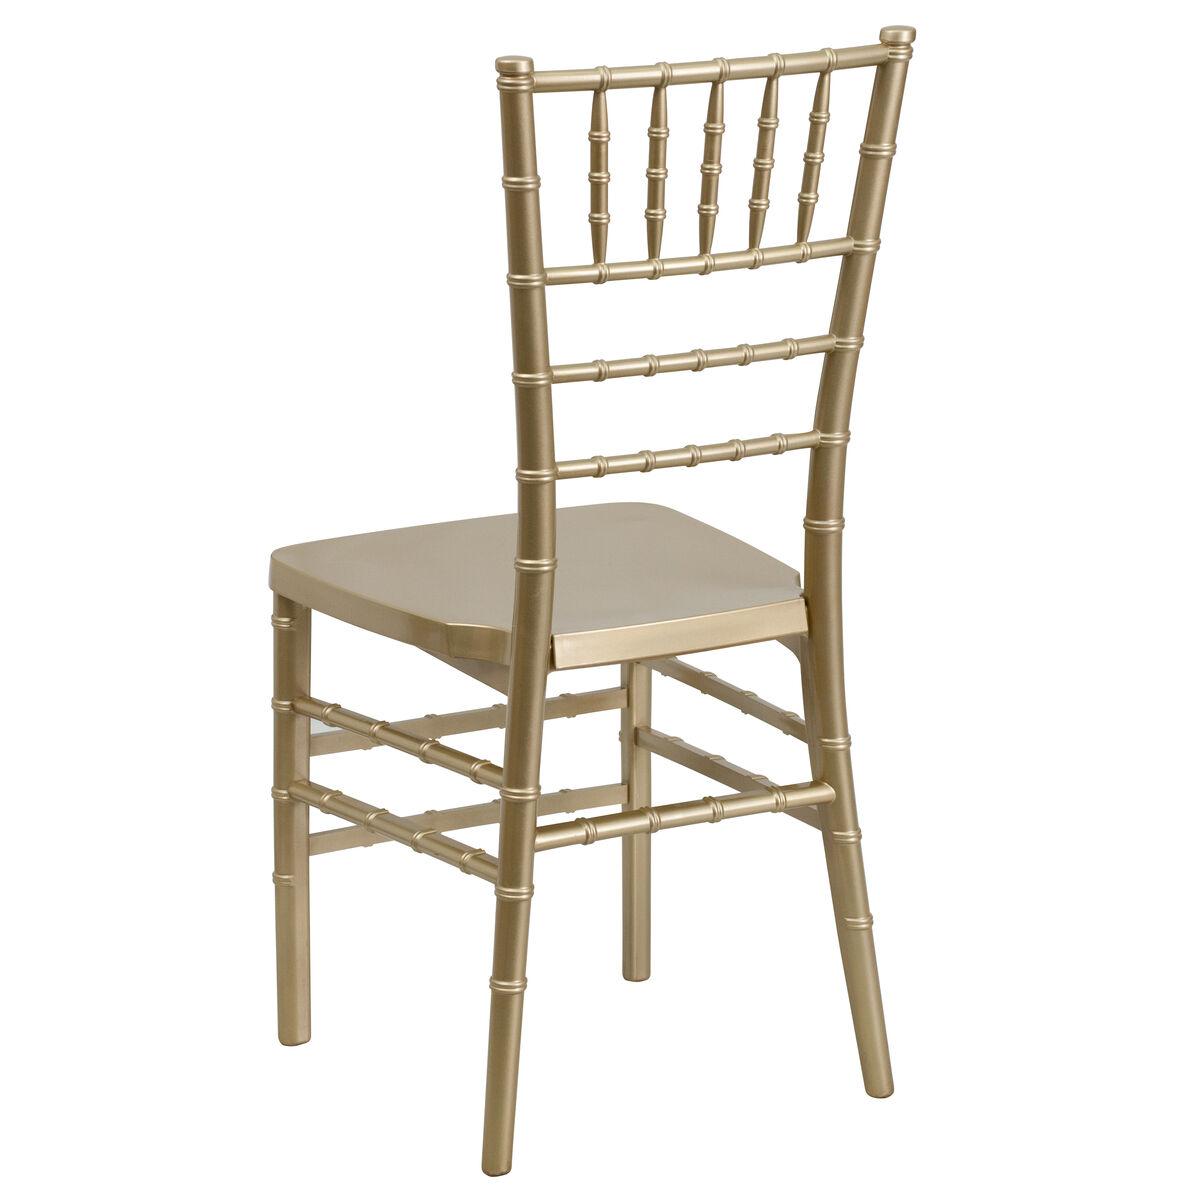 Gold chiavari chair - Images Hercules Premium Series Gold Resin Stacking Chiavari Chair